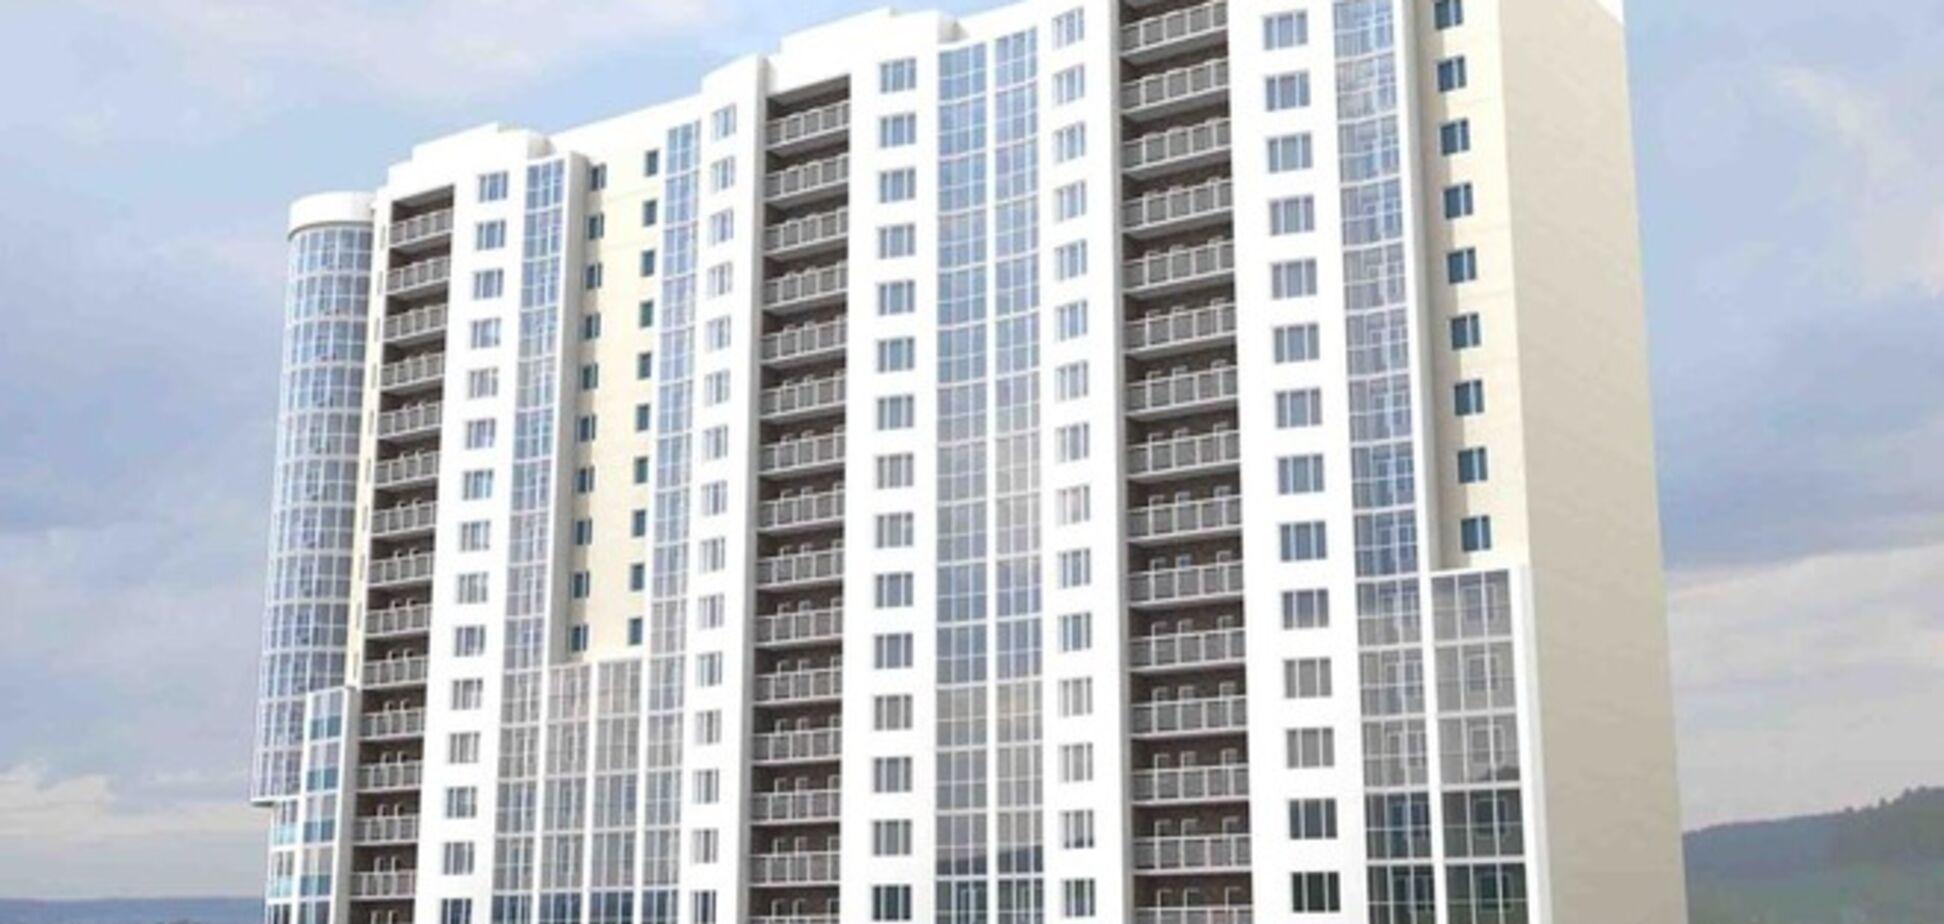 Новостройки под Киевом - жилье по приемлемой цене